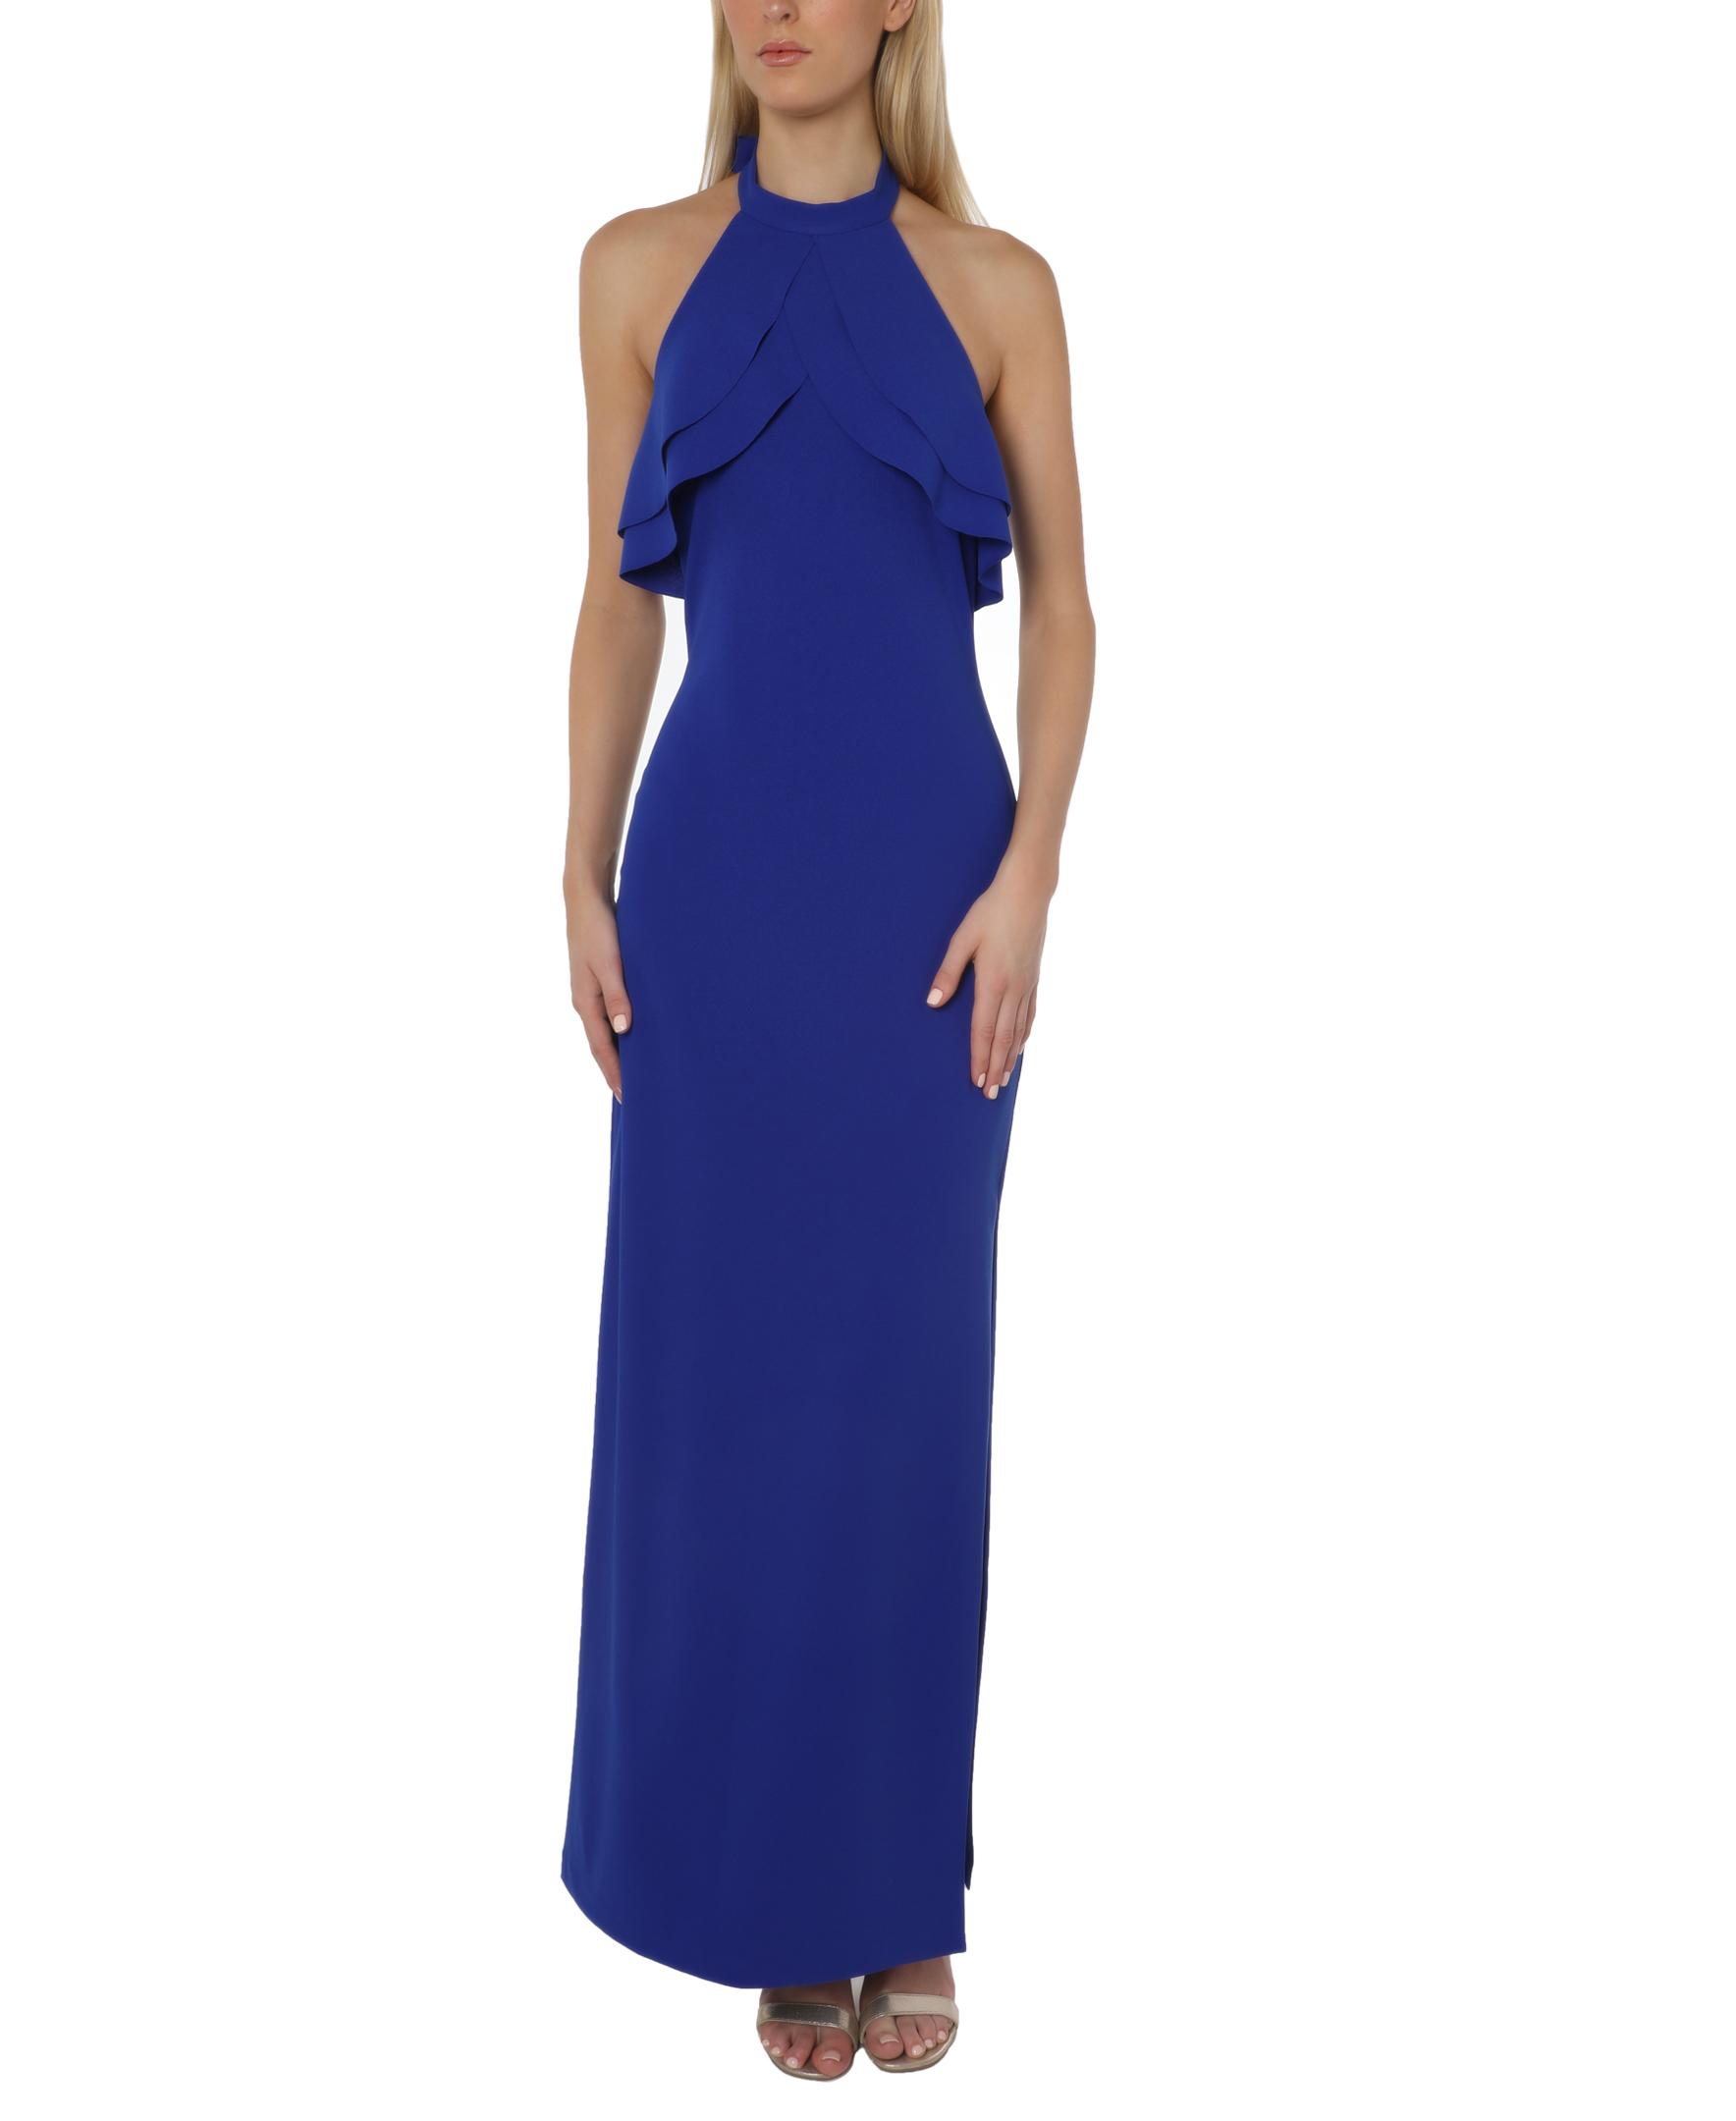 Bebe Ruffle Halter Gown -cobalt - Front